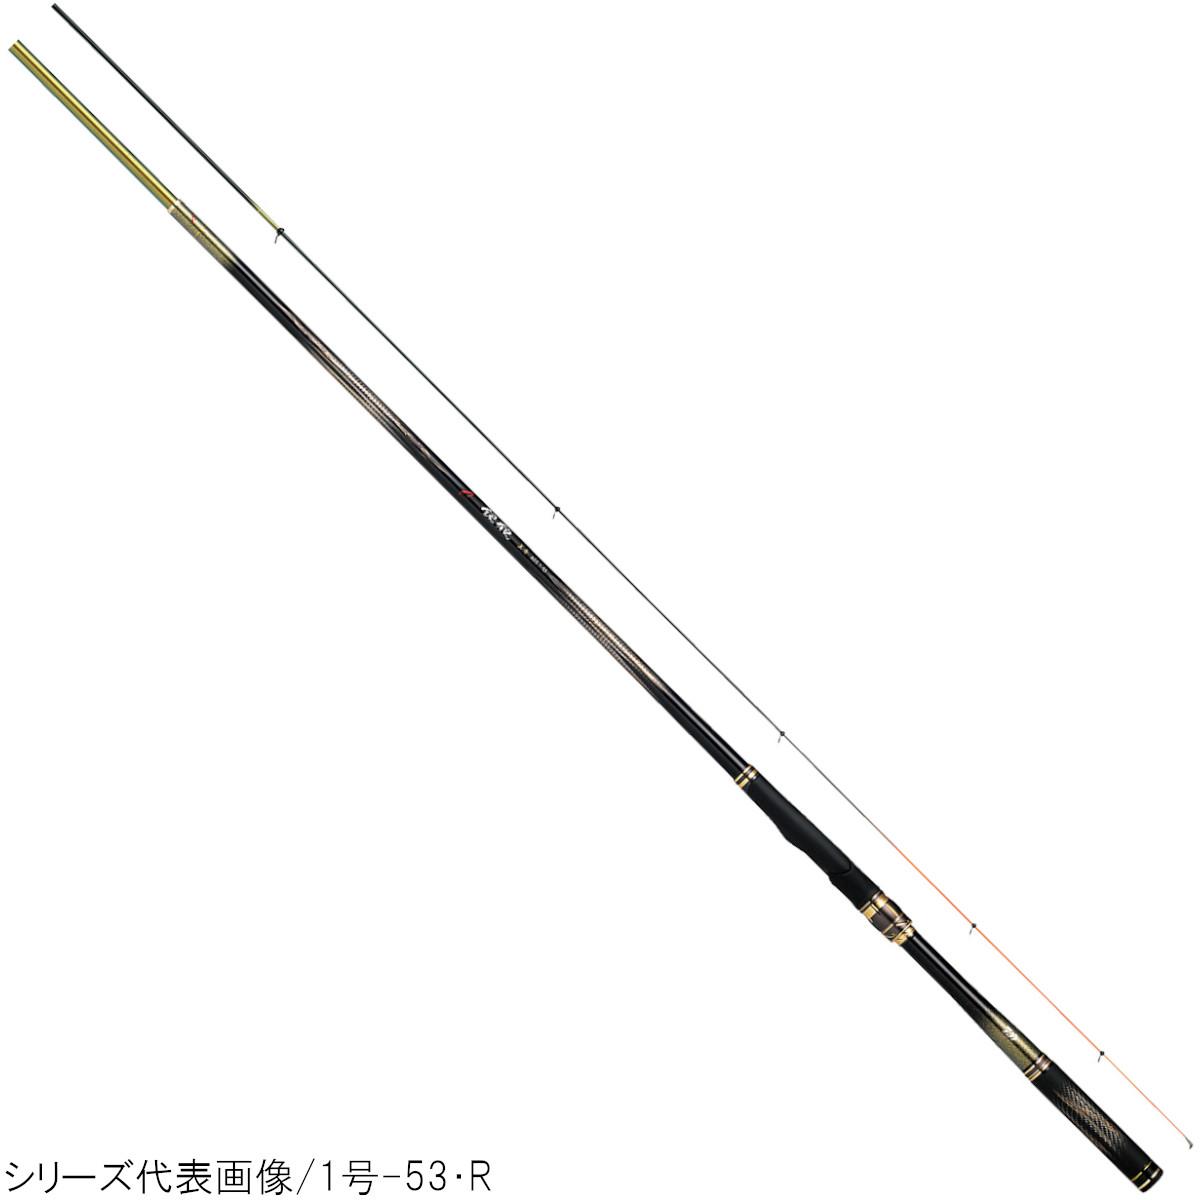 ダイワ 銀狼王牙 AGS 06号-53・R